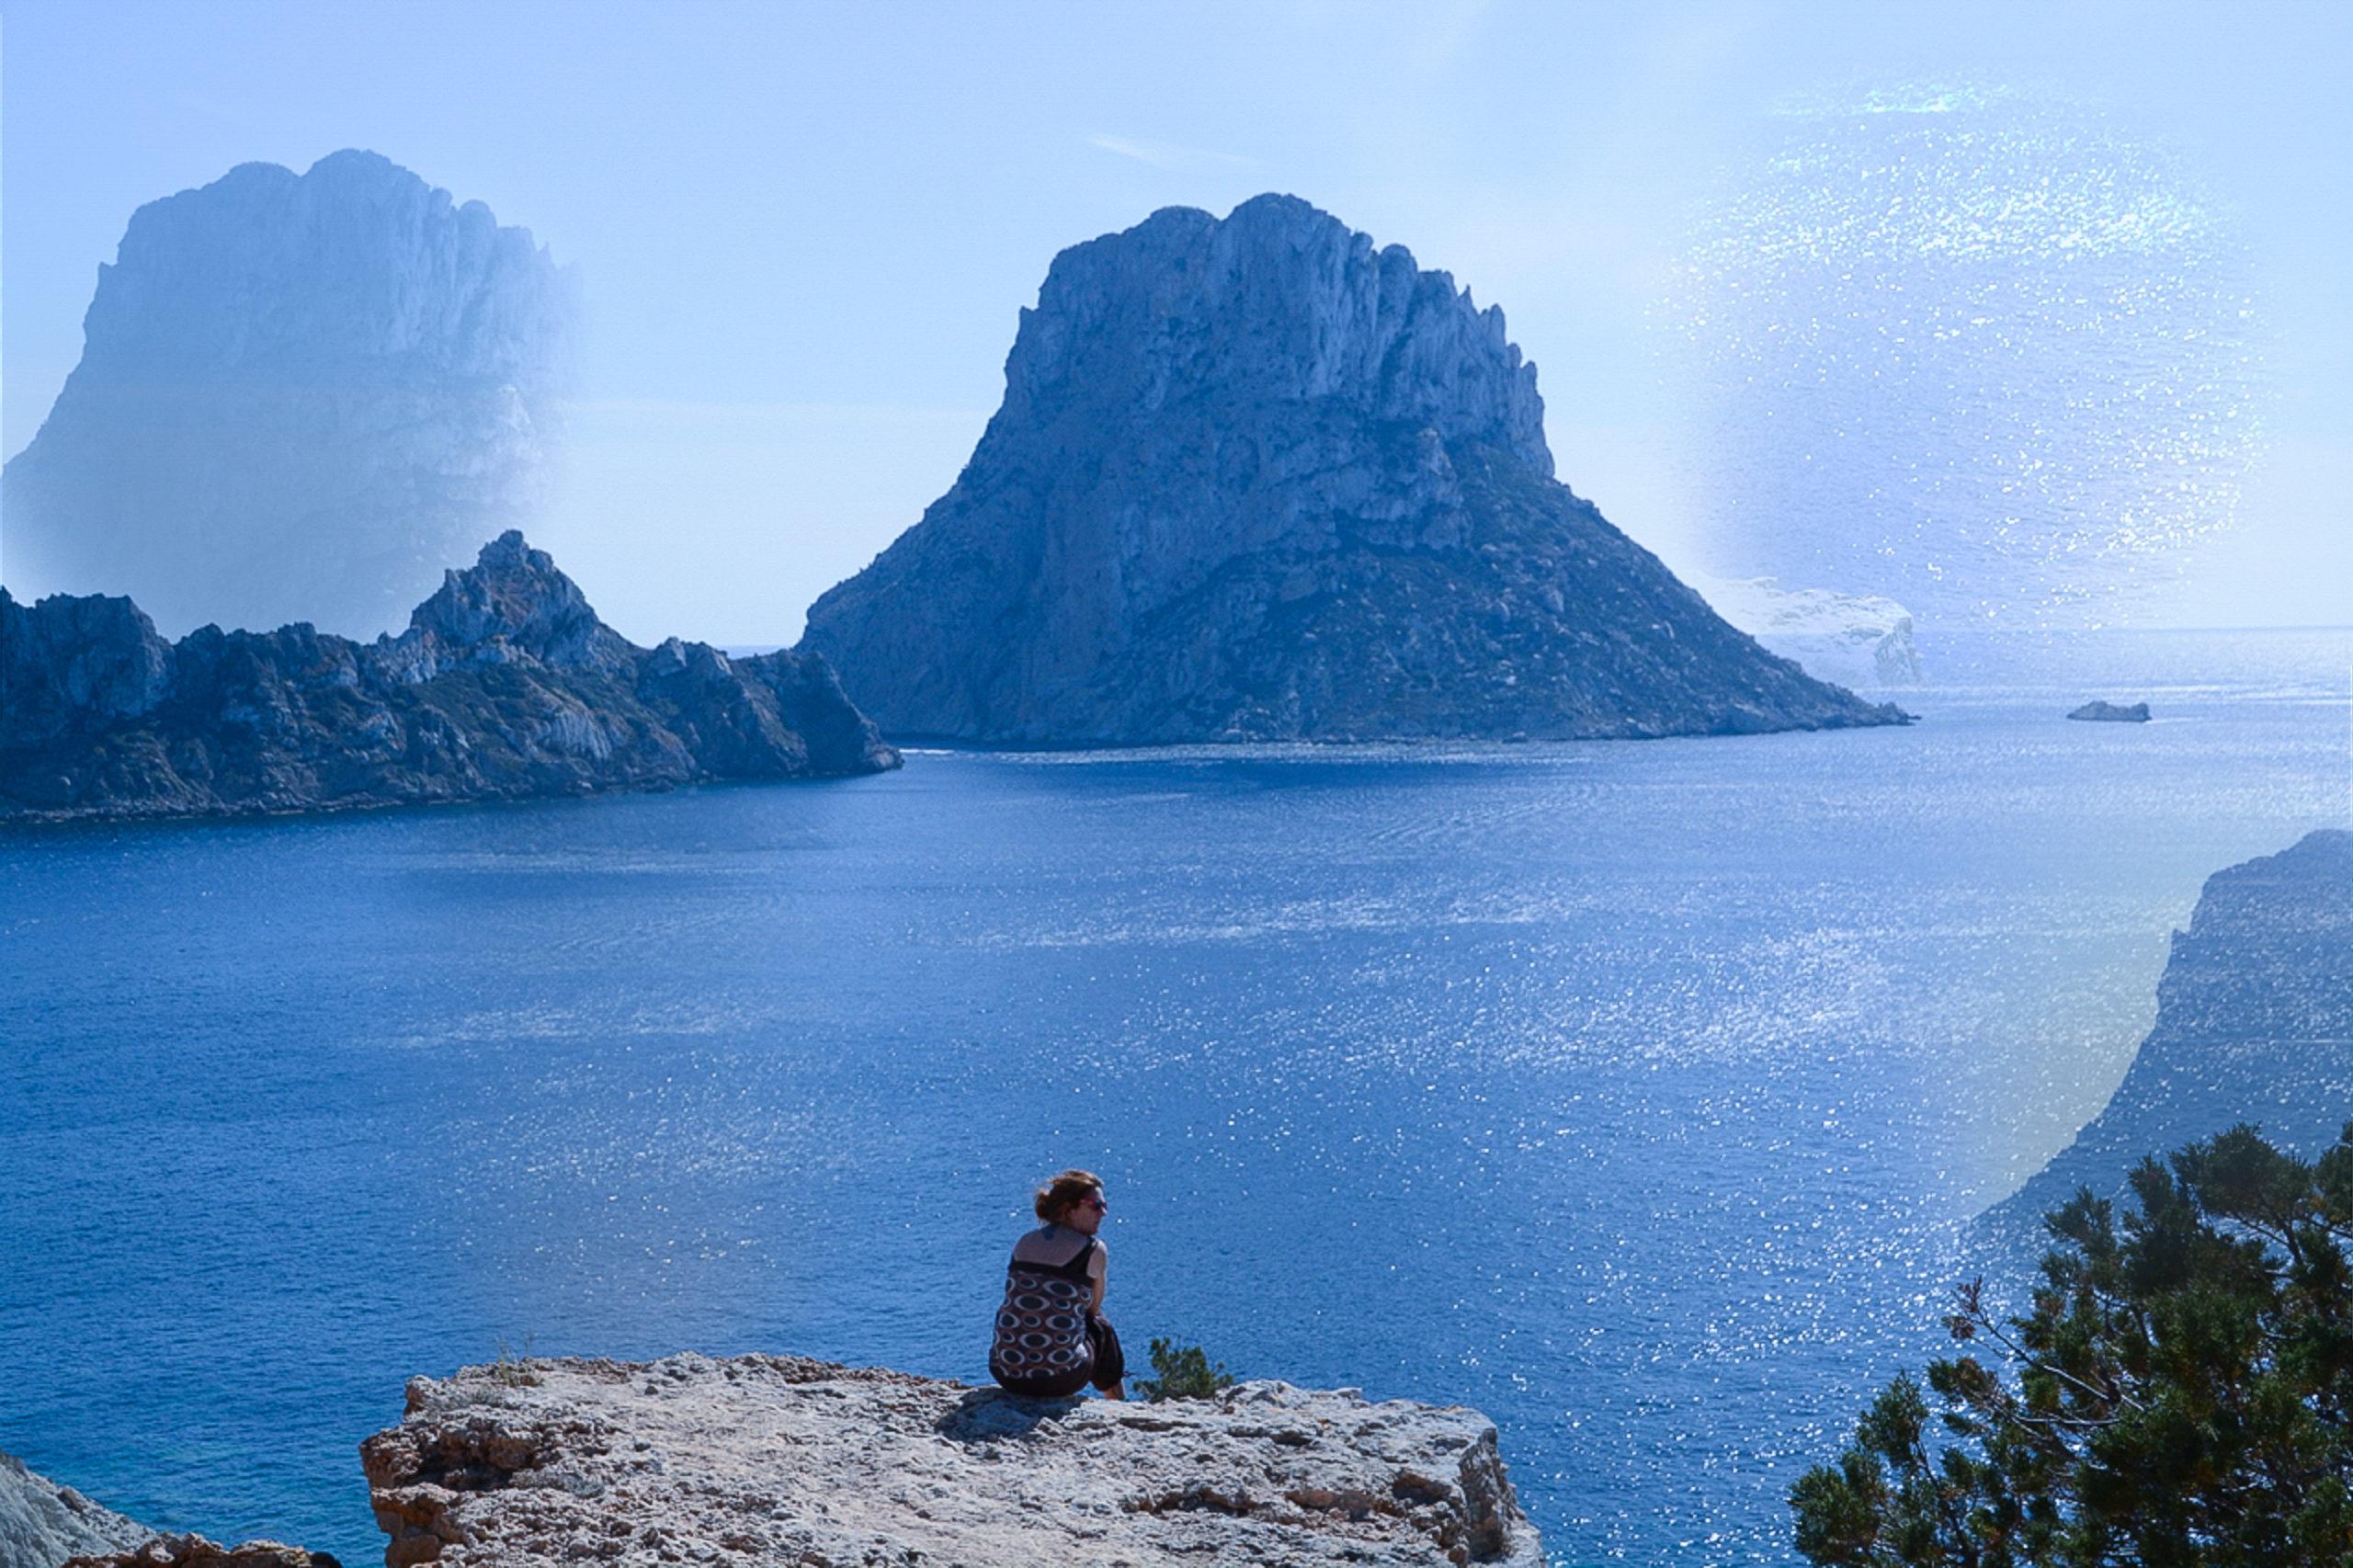 Doppelter Felsen Es Vedra auf Ibiza mit Meer und Frau